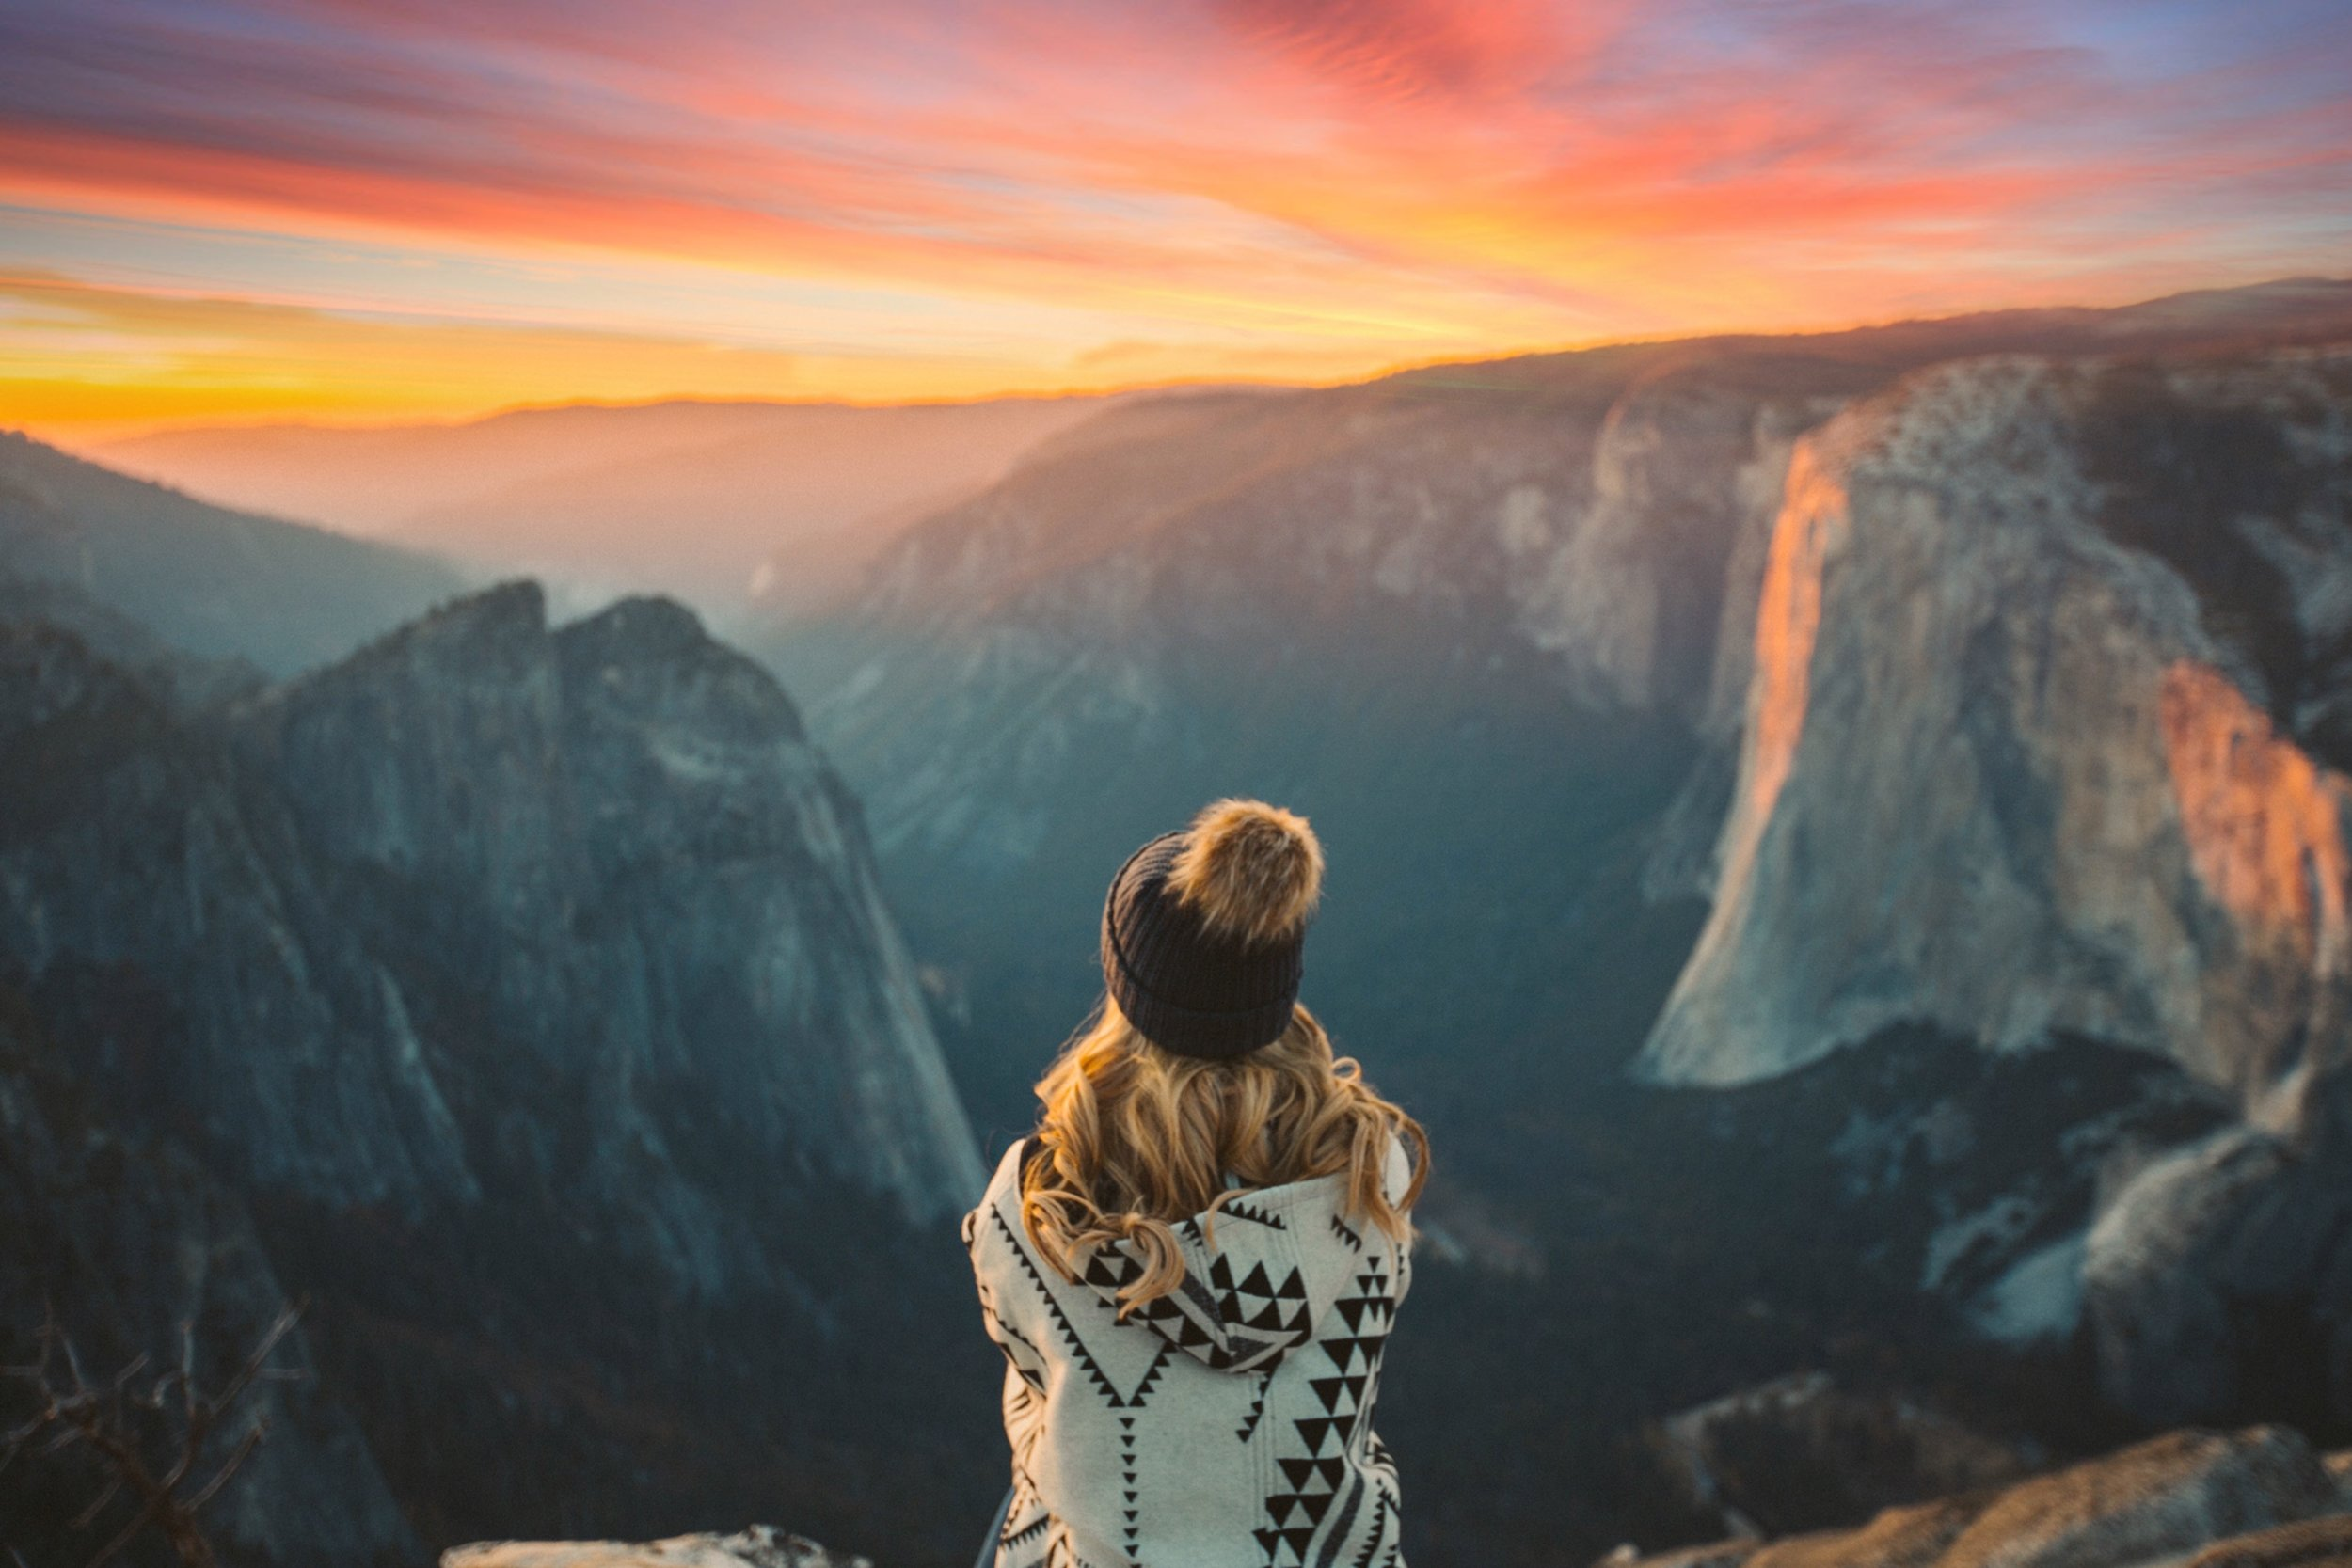 Nicole Renard watching the sunset over El Capitan